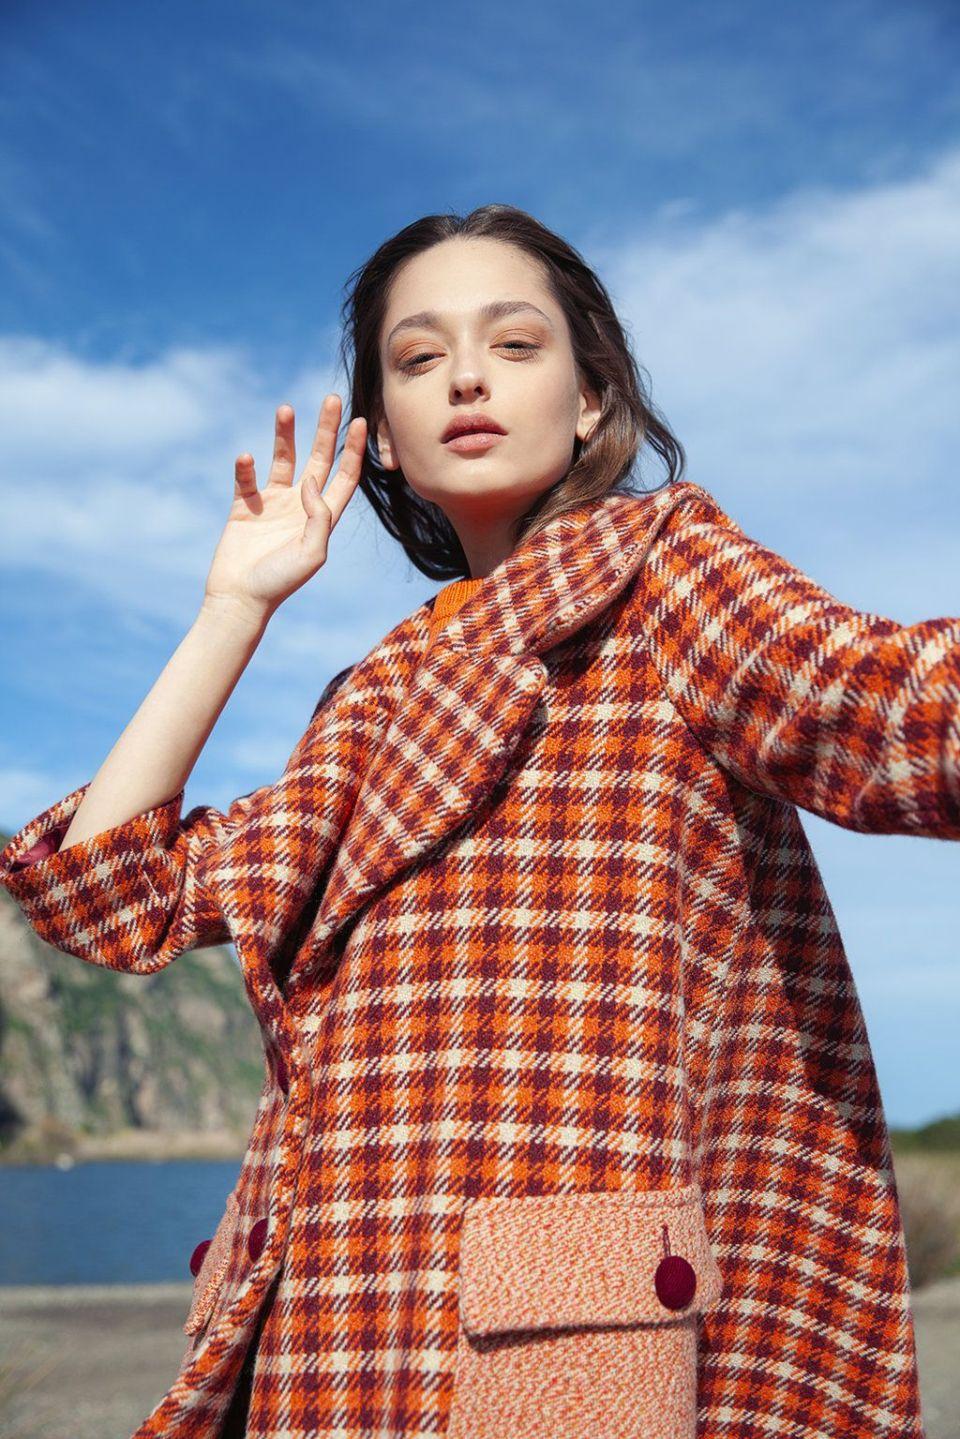 abrigo estampado, entre las mejores recomendaciones de abrigos para este invierno